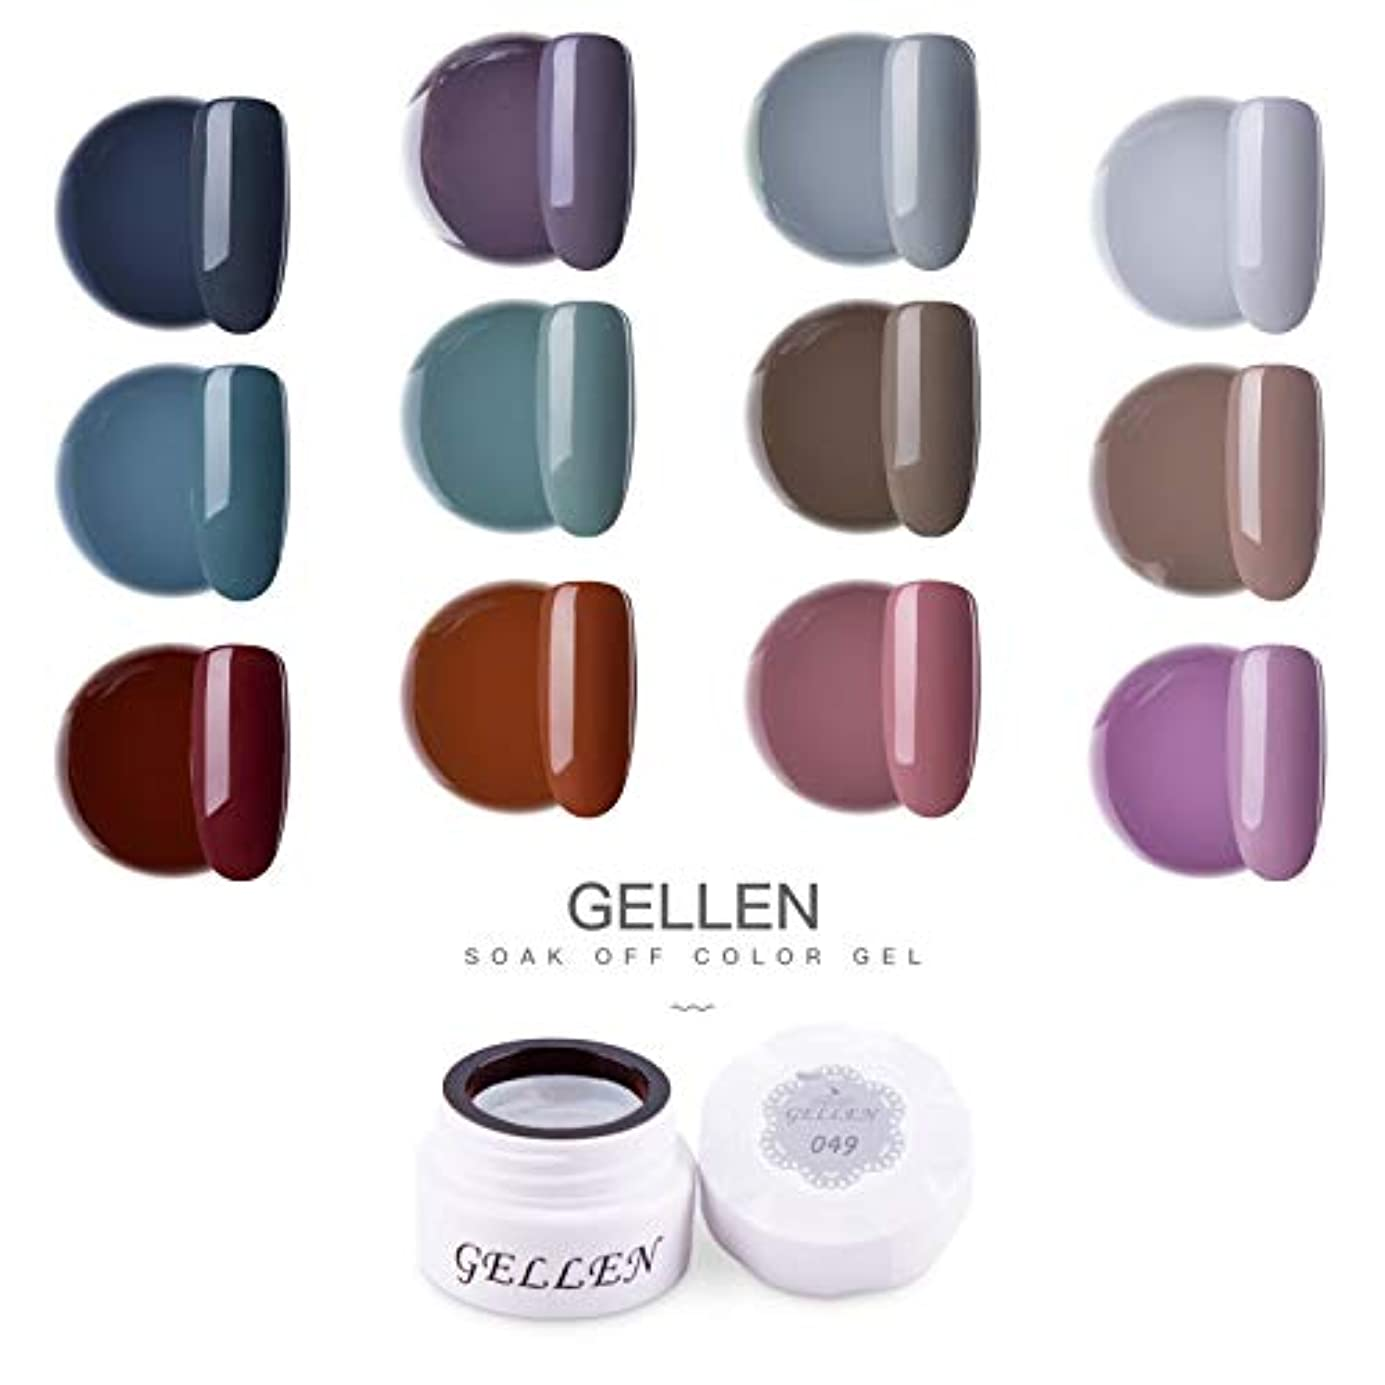 固める移行する適性Gellen カラージェル 12色 セット[クラッシク シリーズ]高品質 5g ジェルネイル カラー ネイルブラシ付き